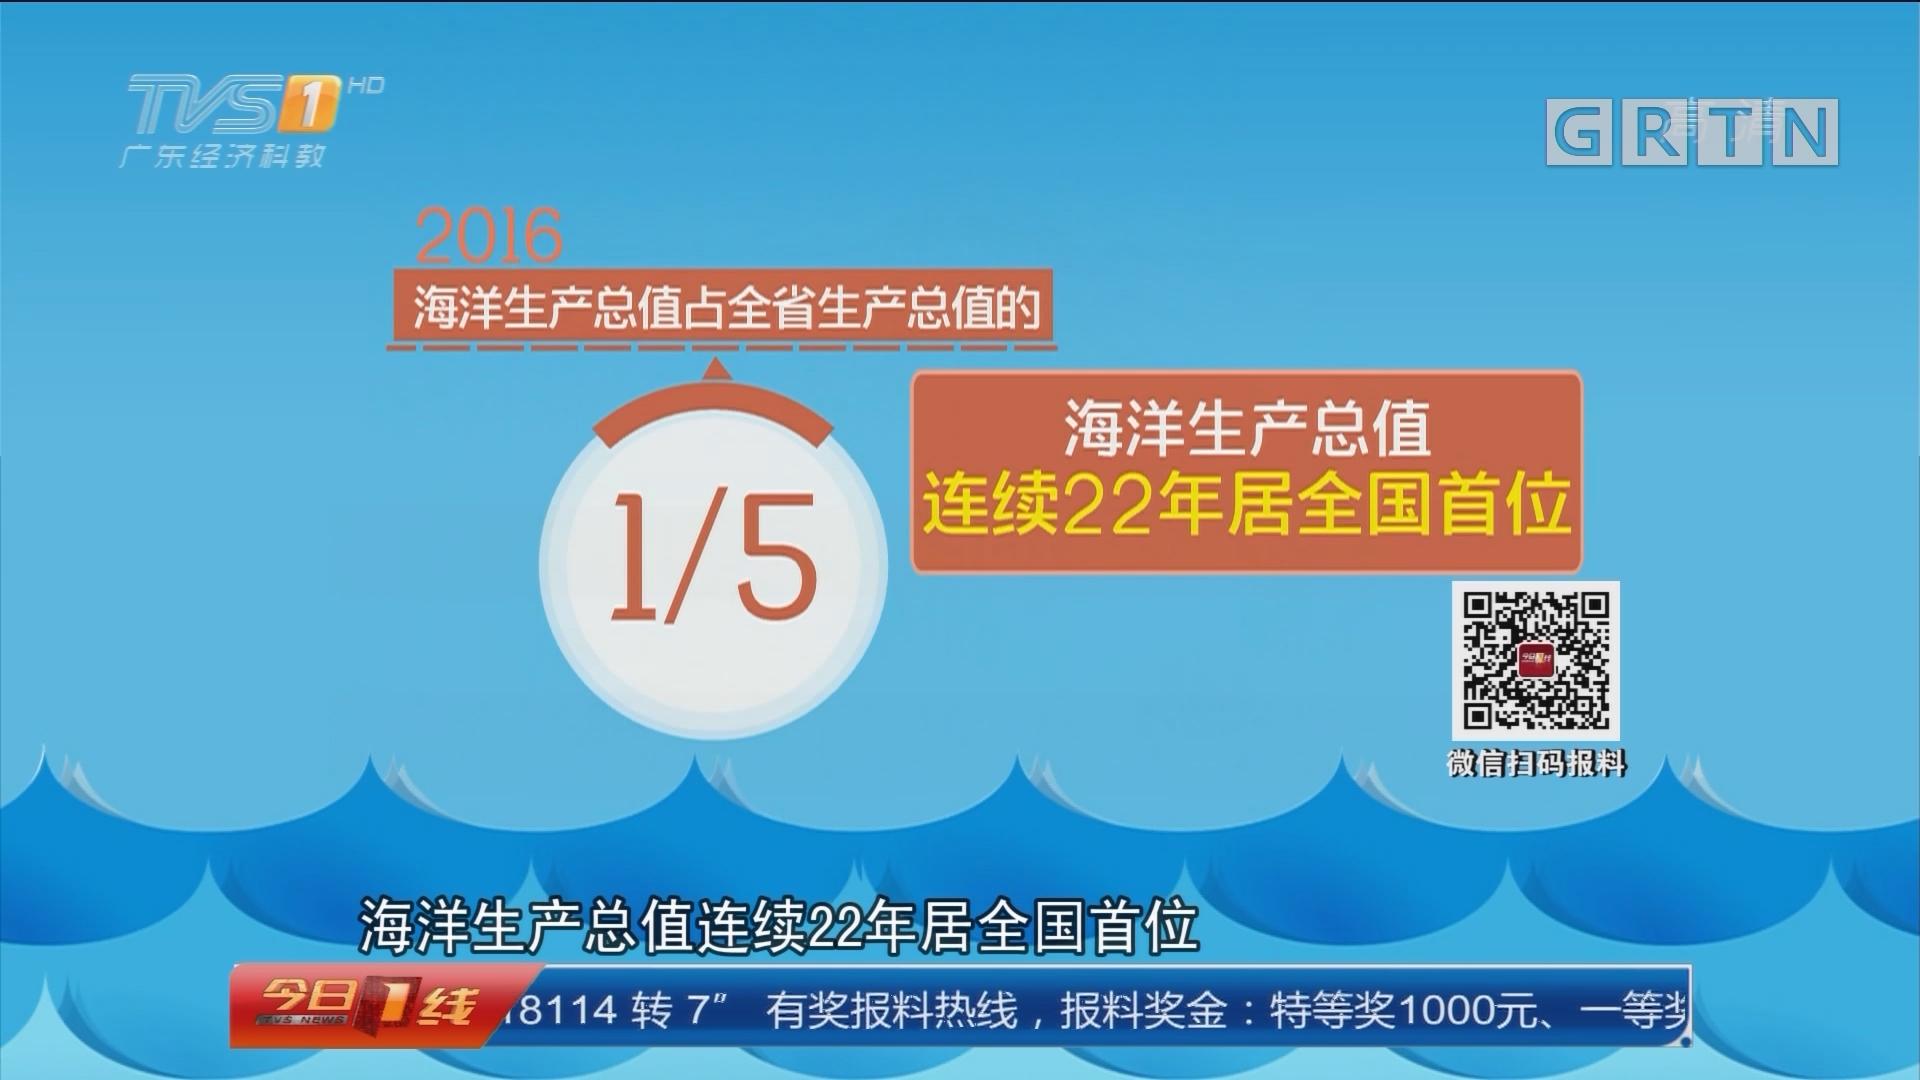 学习宣传贯彻党的十九大精神 广东:建设海洋强省 坚持生态优化